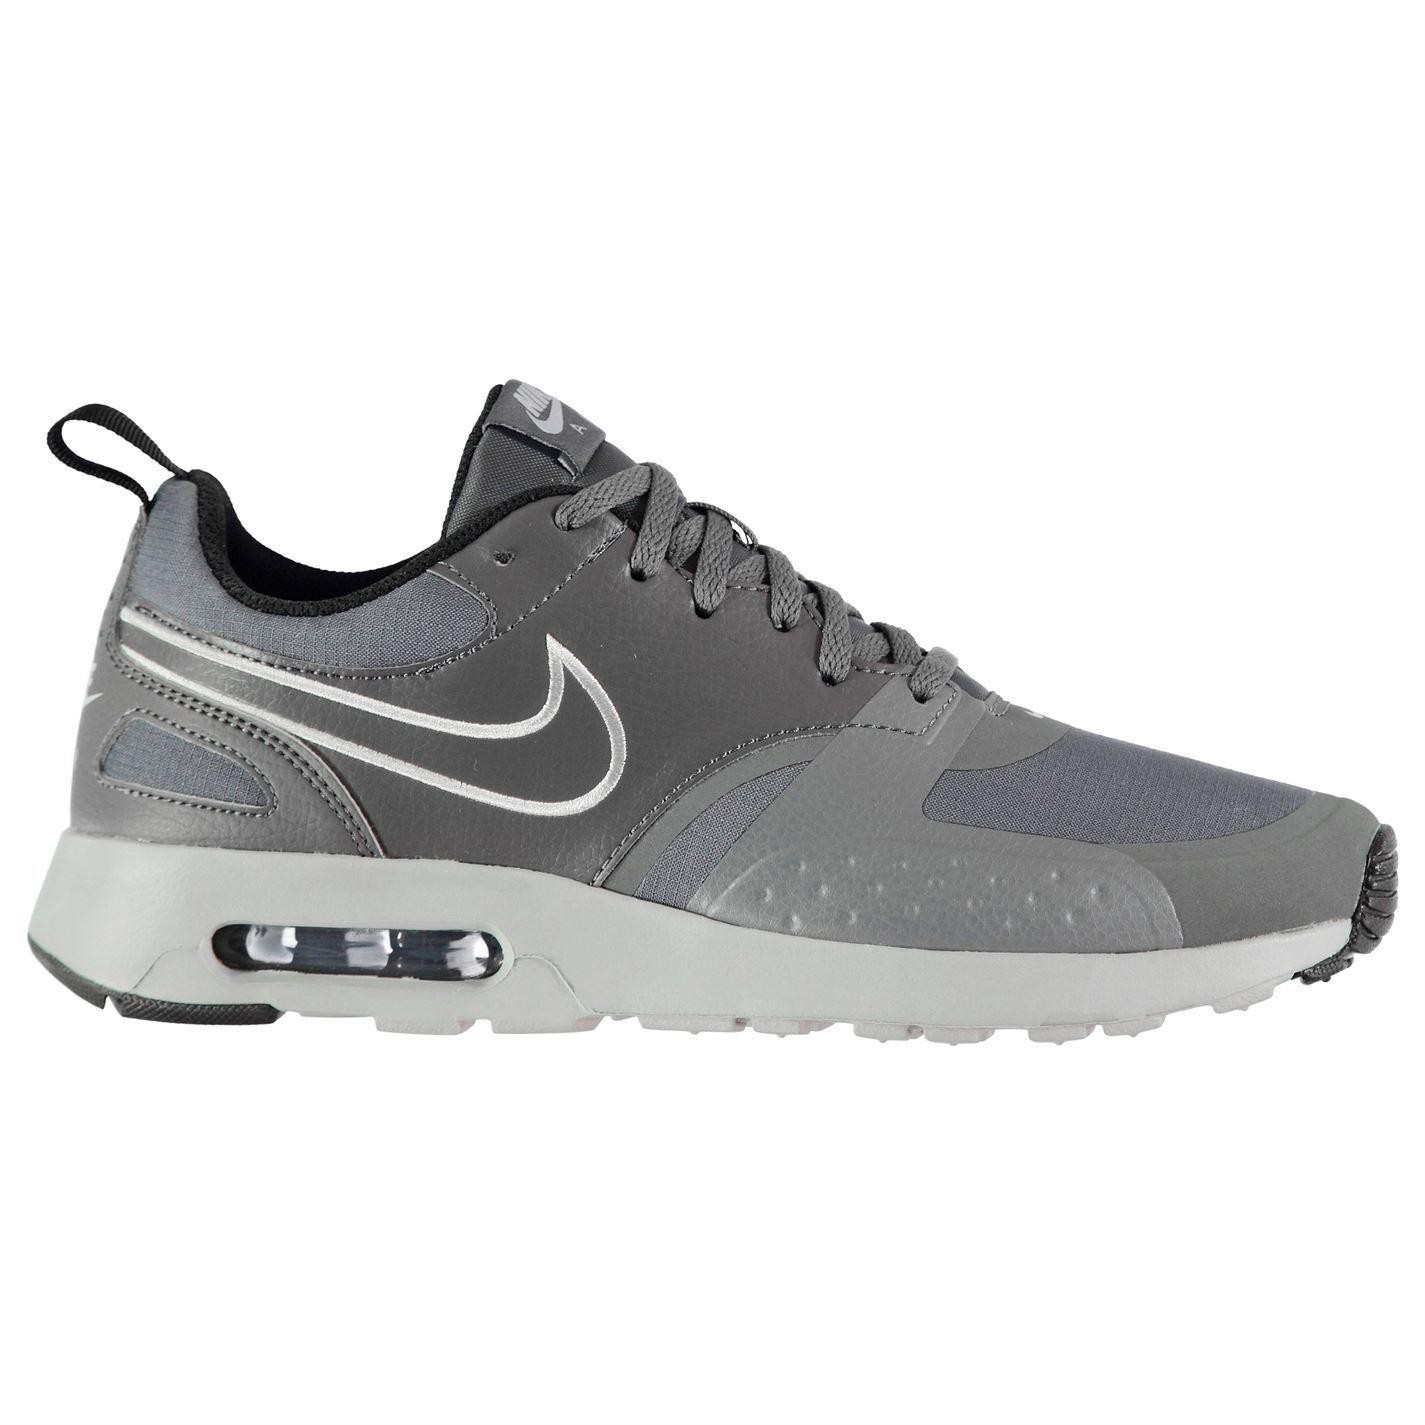 Dettagli su Nike Air Max Vision SE Scarpe da training da Uomo Palestra Fitness Allenamento Ginnastica mostra il titolo originale